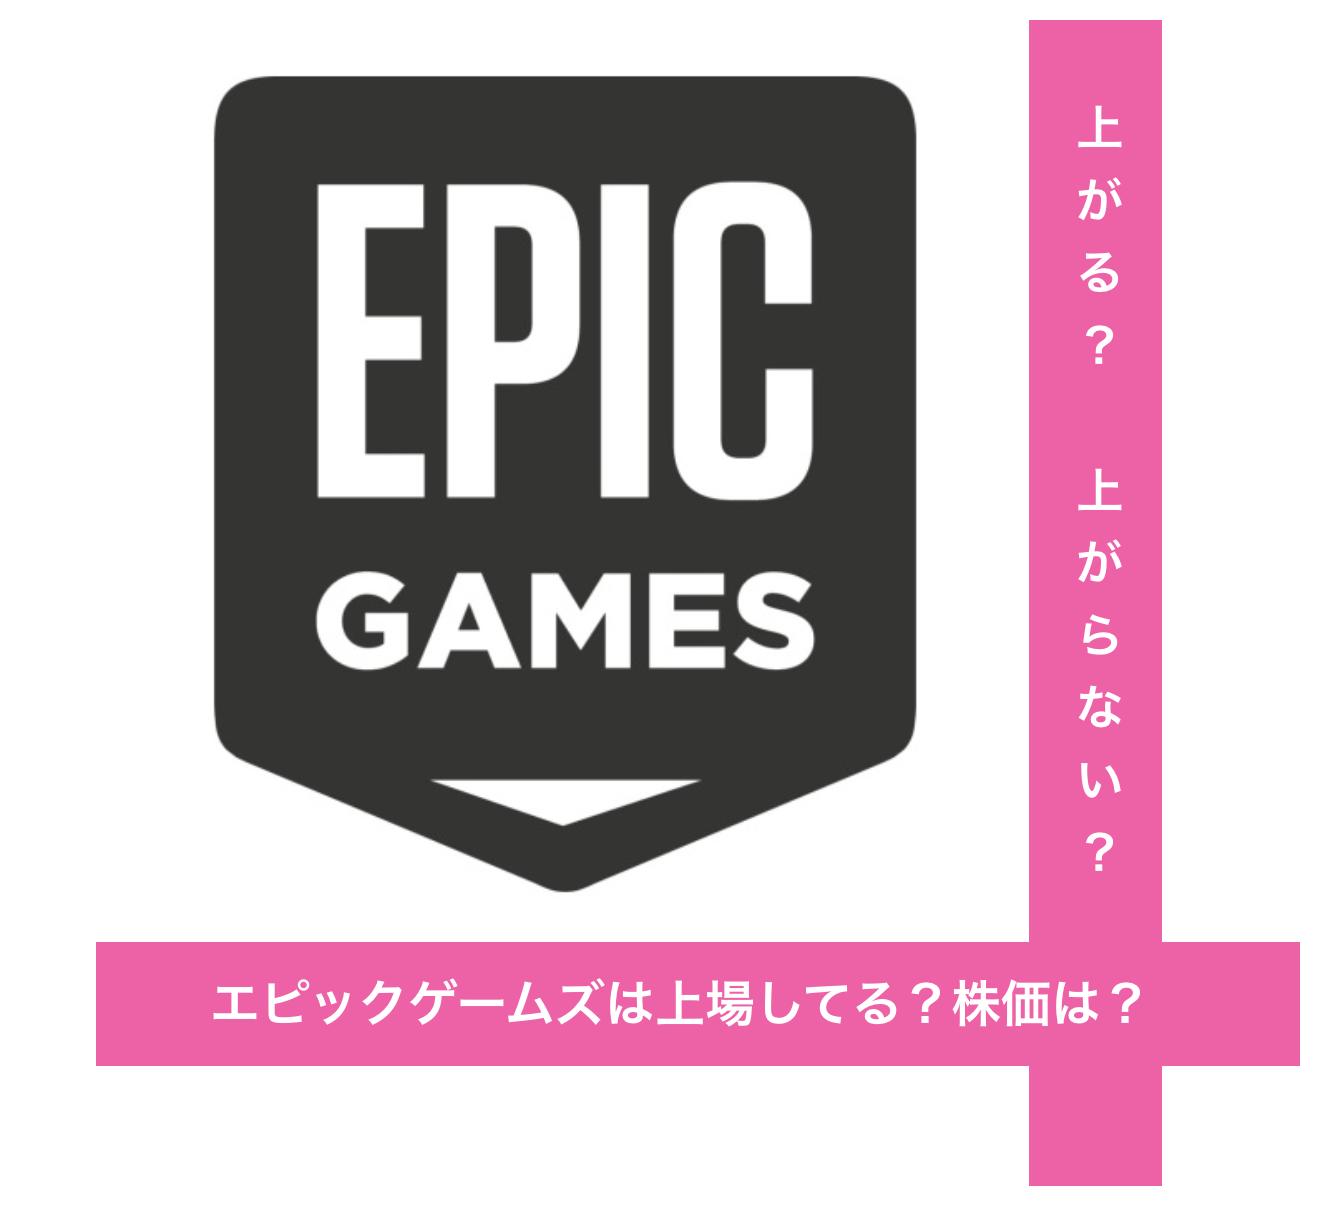 エピック ゲームズ 公式